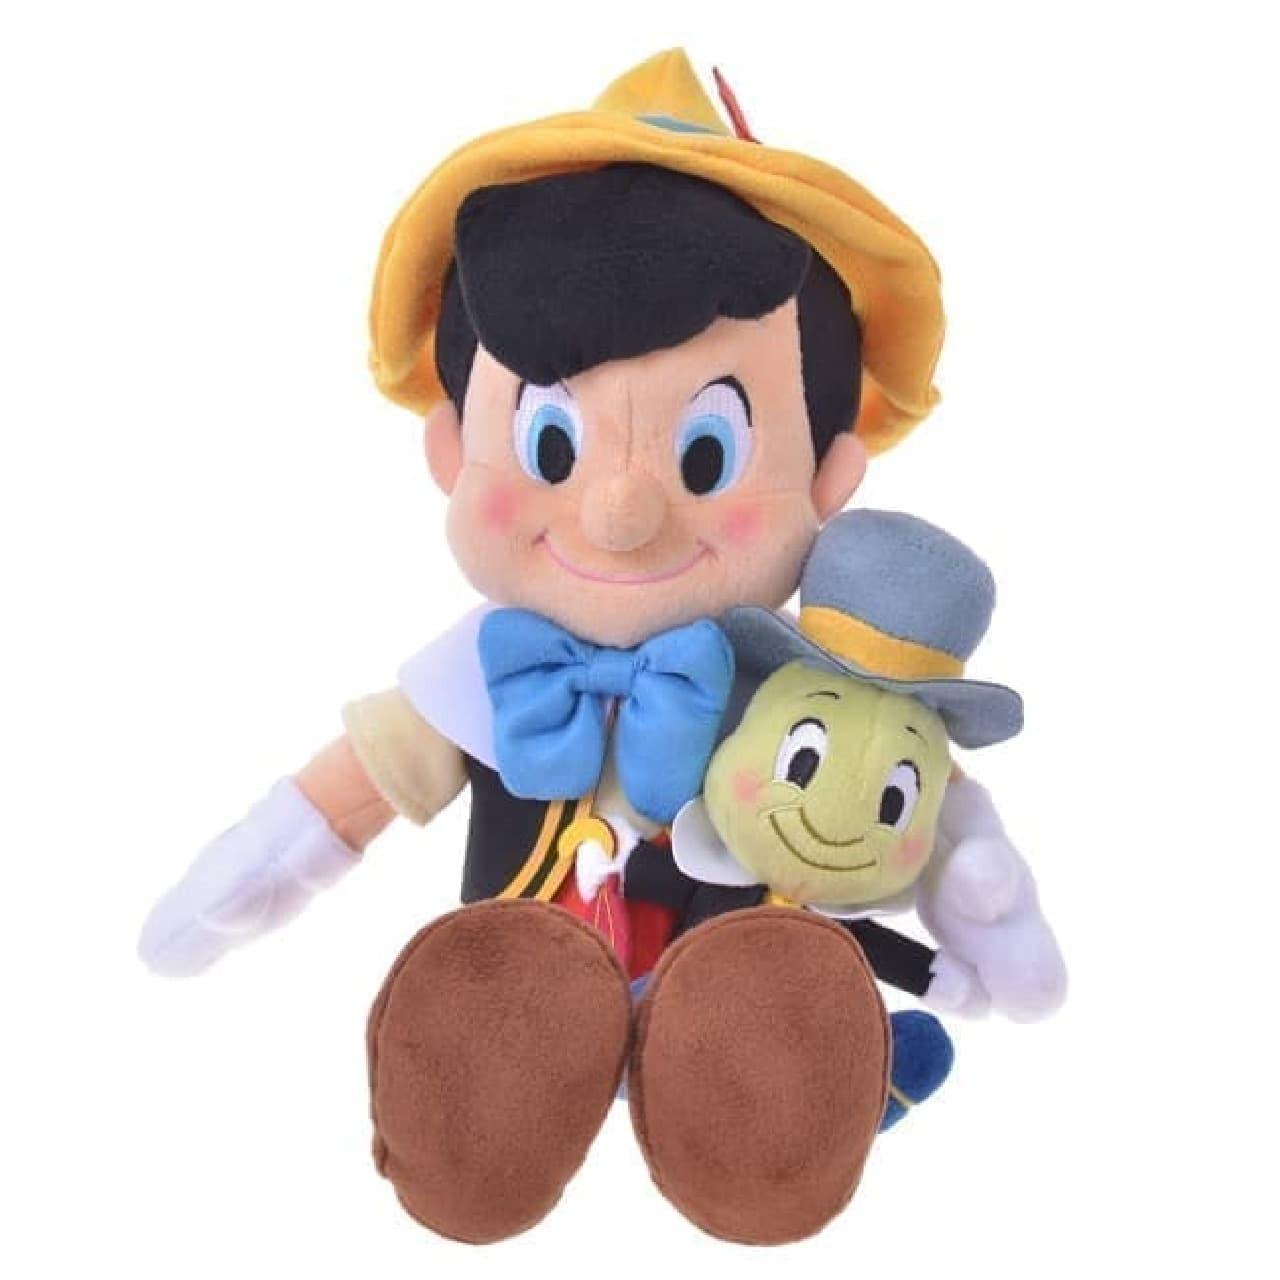 映画「ピノキオ」が80周年--ディズニーストアに記念グッズ登場